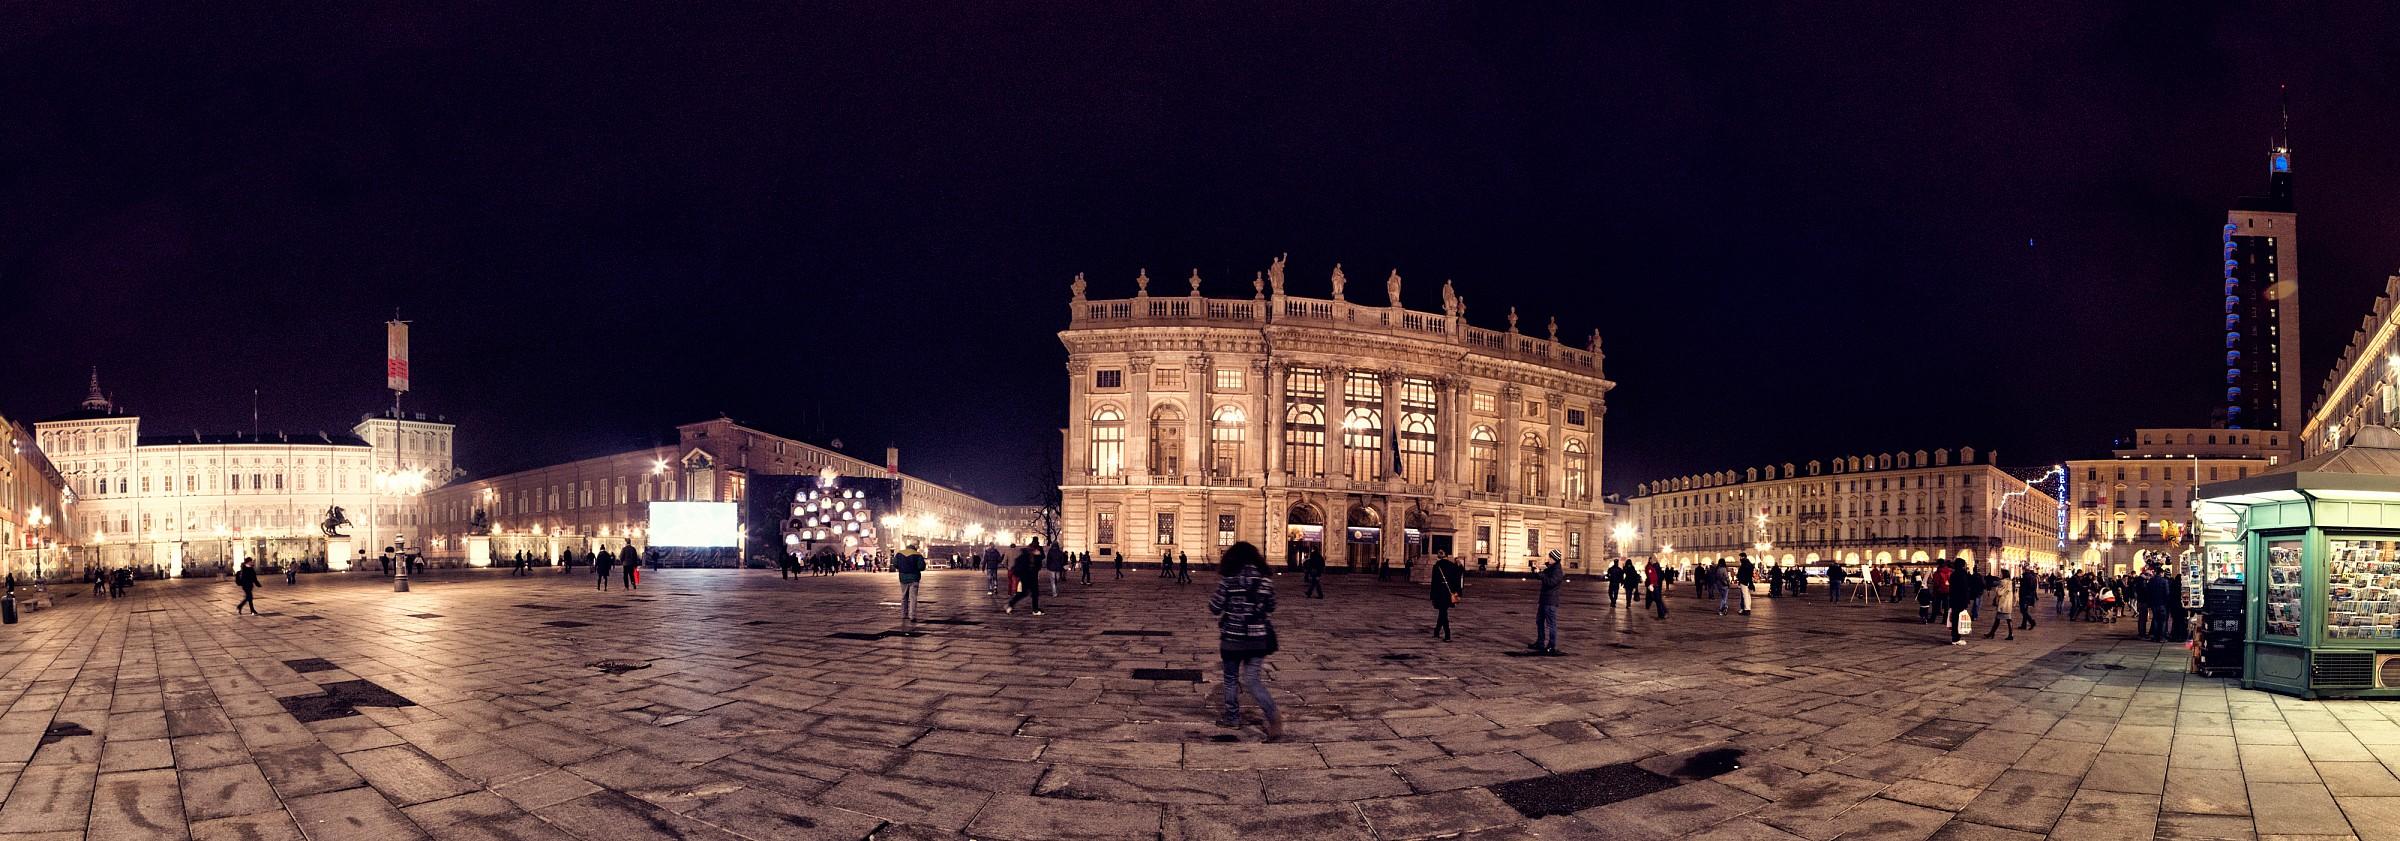 Piazza Castello, Turin...